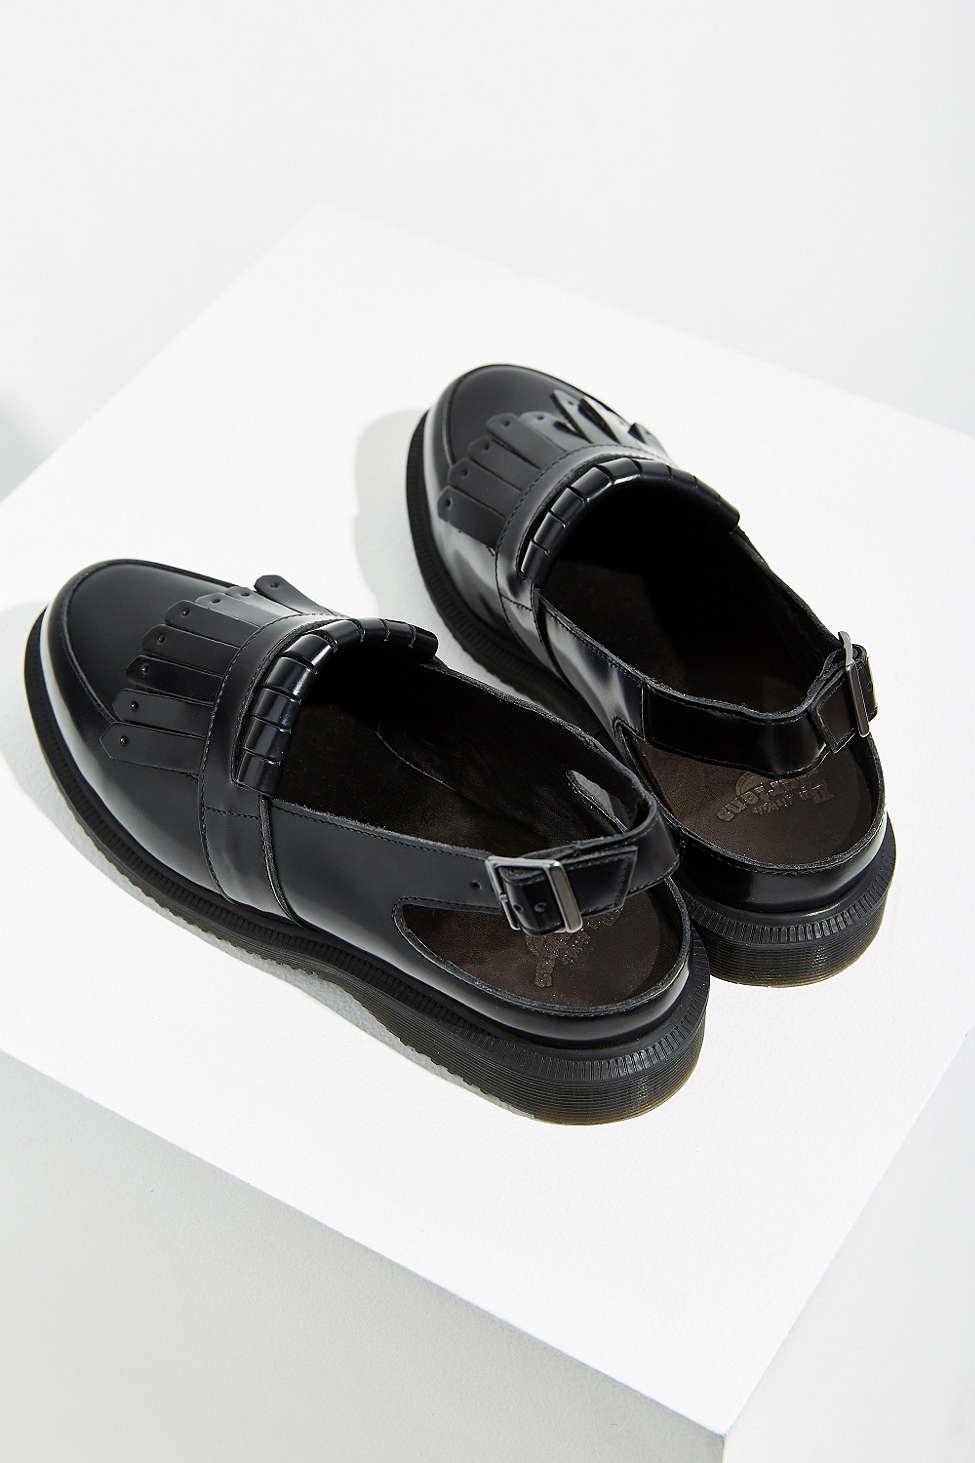 0b23c499be5 Lyst - Dr. Martens Valentine Slingback Loafer in Black